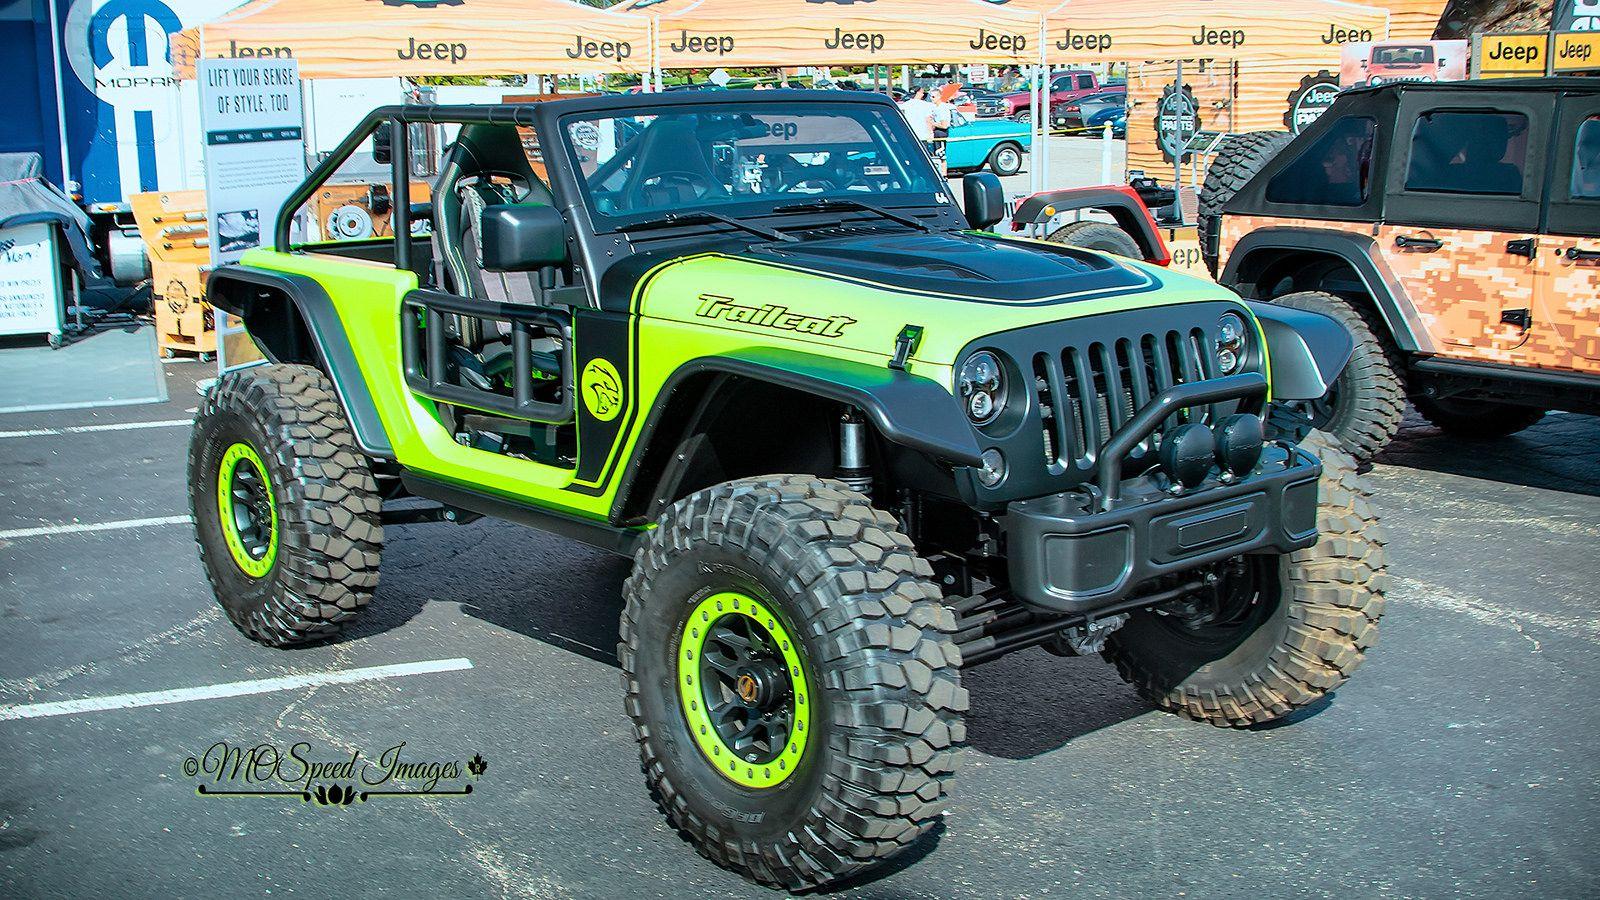 2019 Jeep Trailcat Concept Jeep concept, Jeep, Cool jeeps